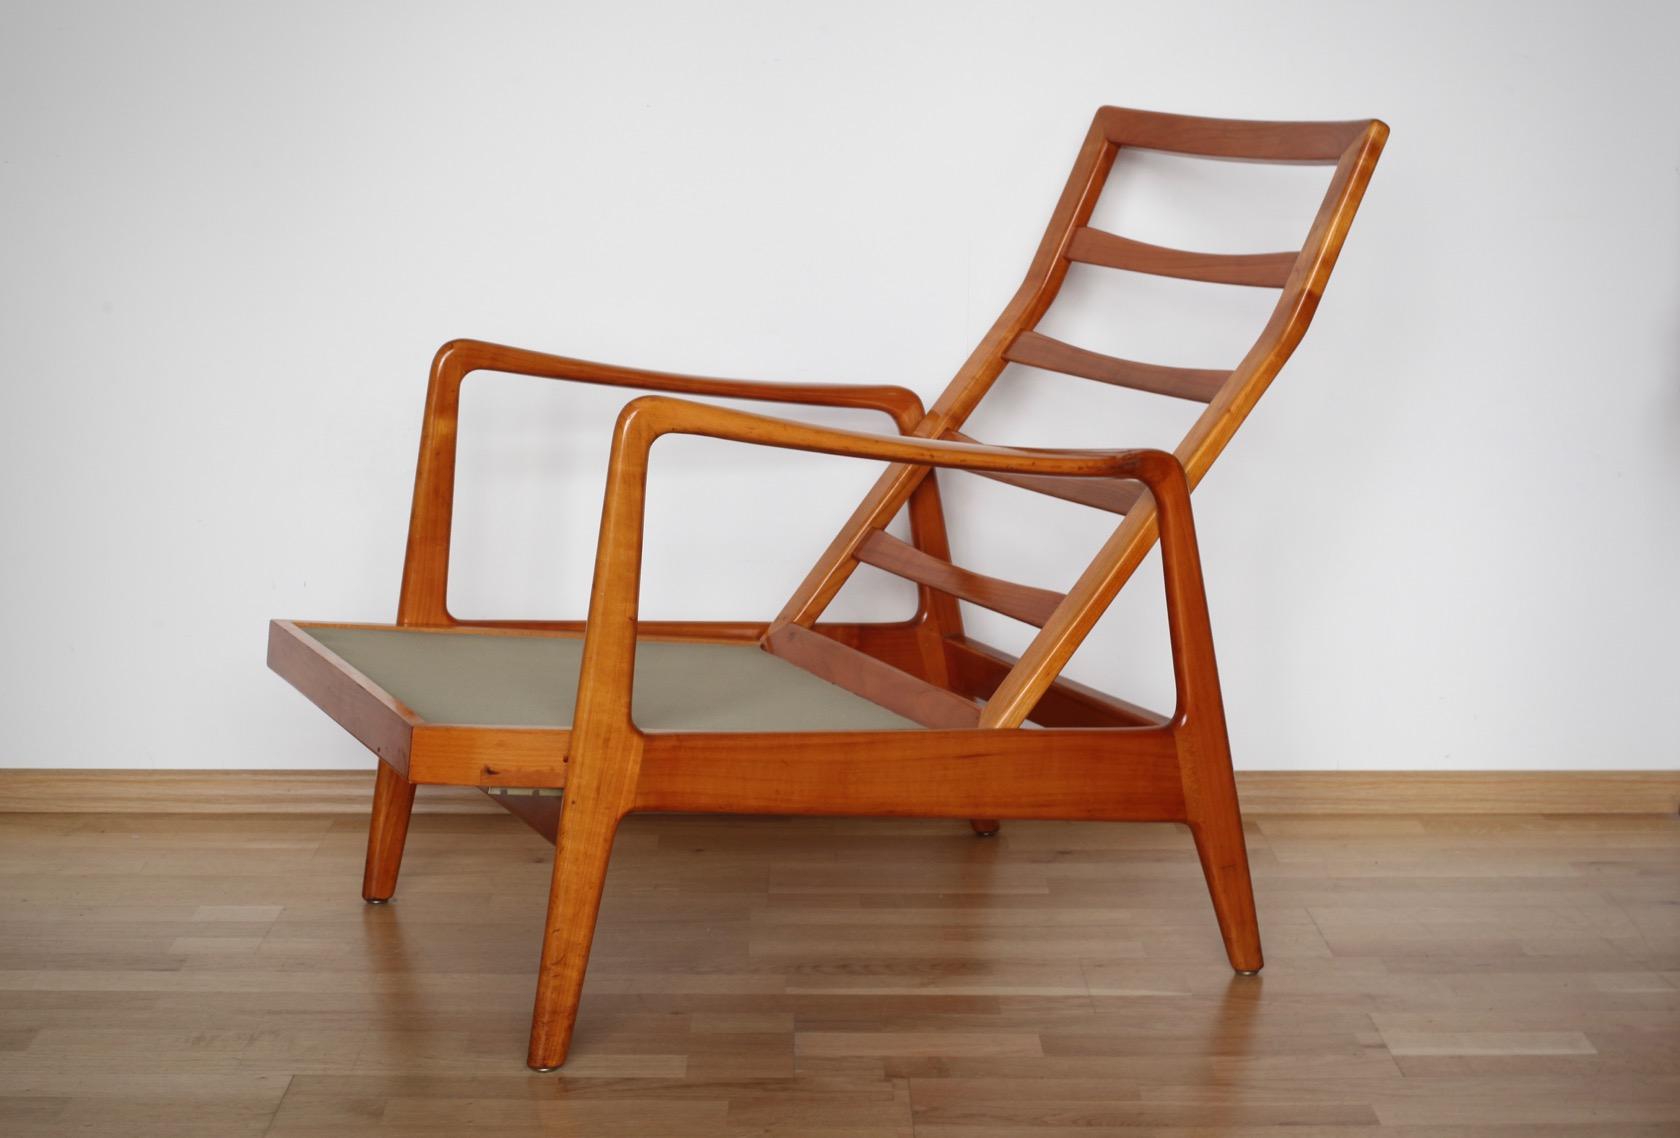 Zwei easy chairs aus den 60er jahren raumwunder for Sessel aus den 50er jahren